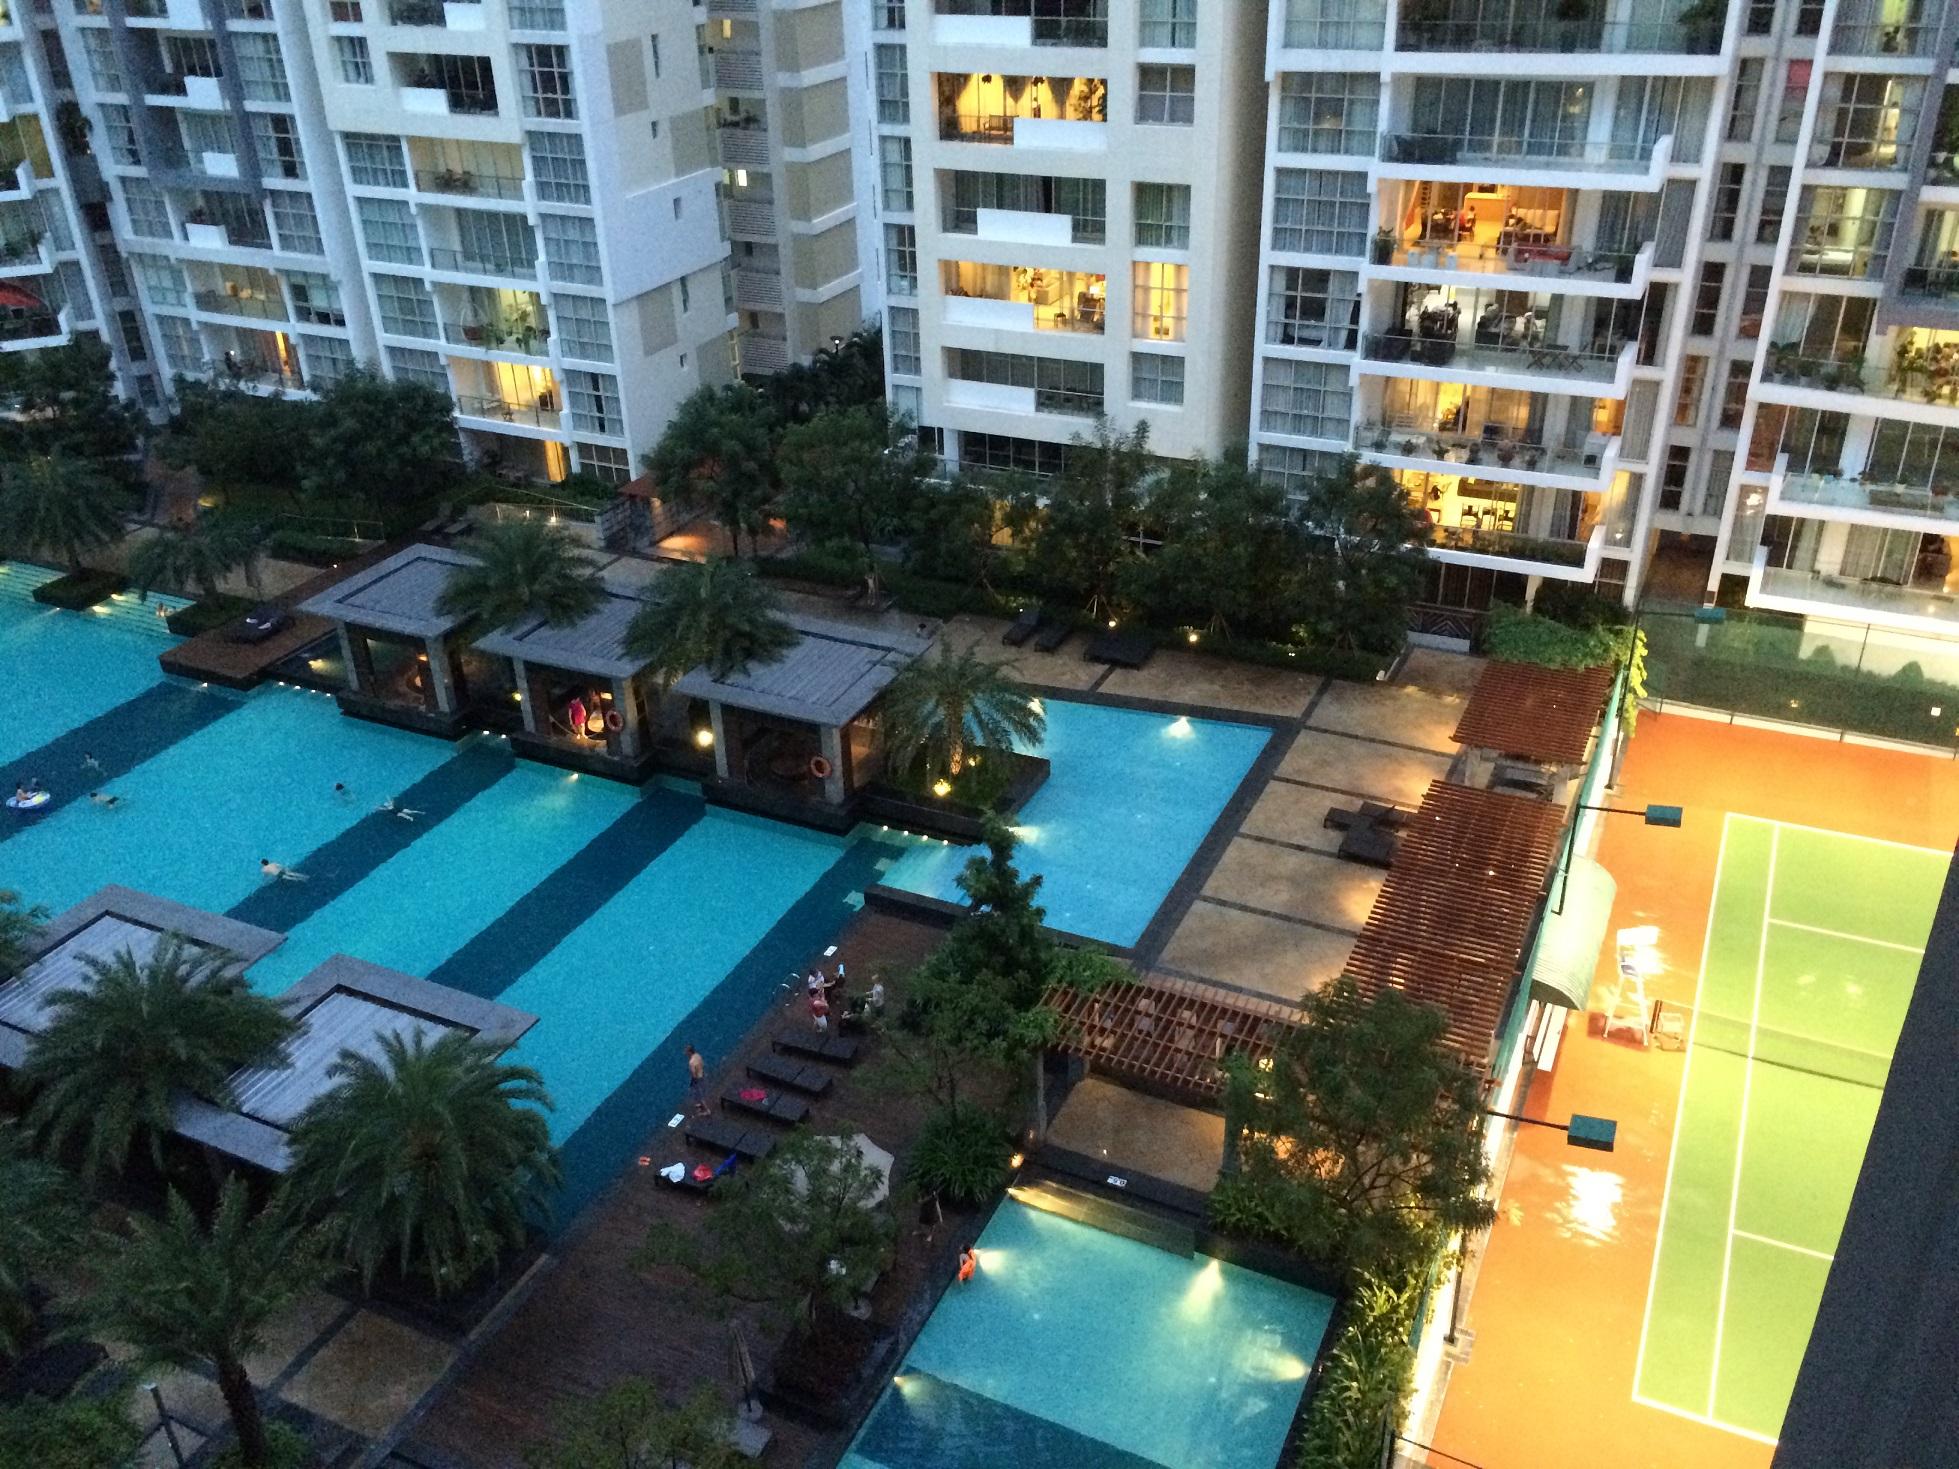 Bán căn hộ ESTELLA, 98m2, Giá 4,9 tỉ, 104m2 giá 5,4 tỉ, 121m2 giá 6,2 tỉ